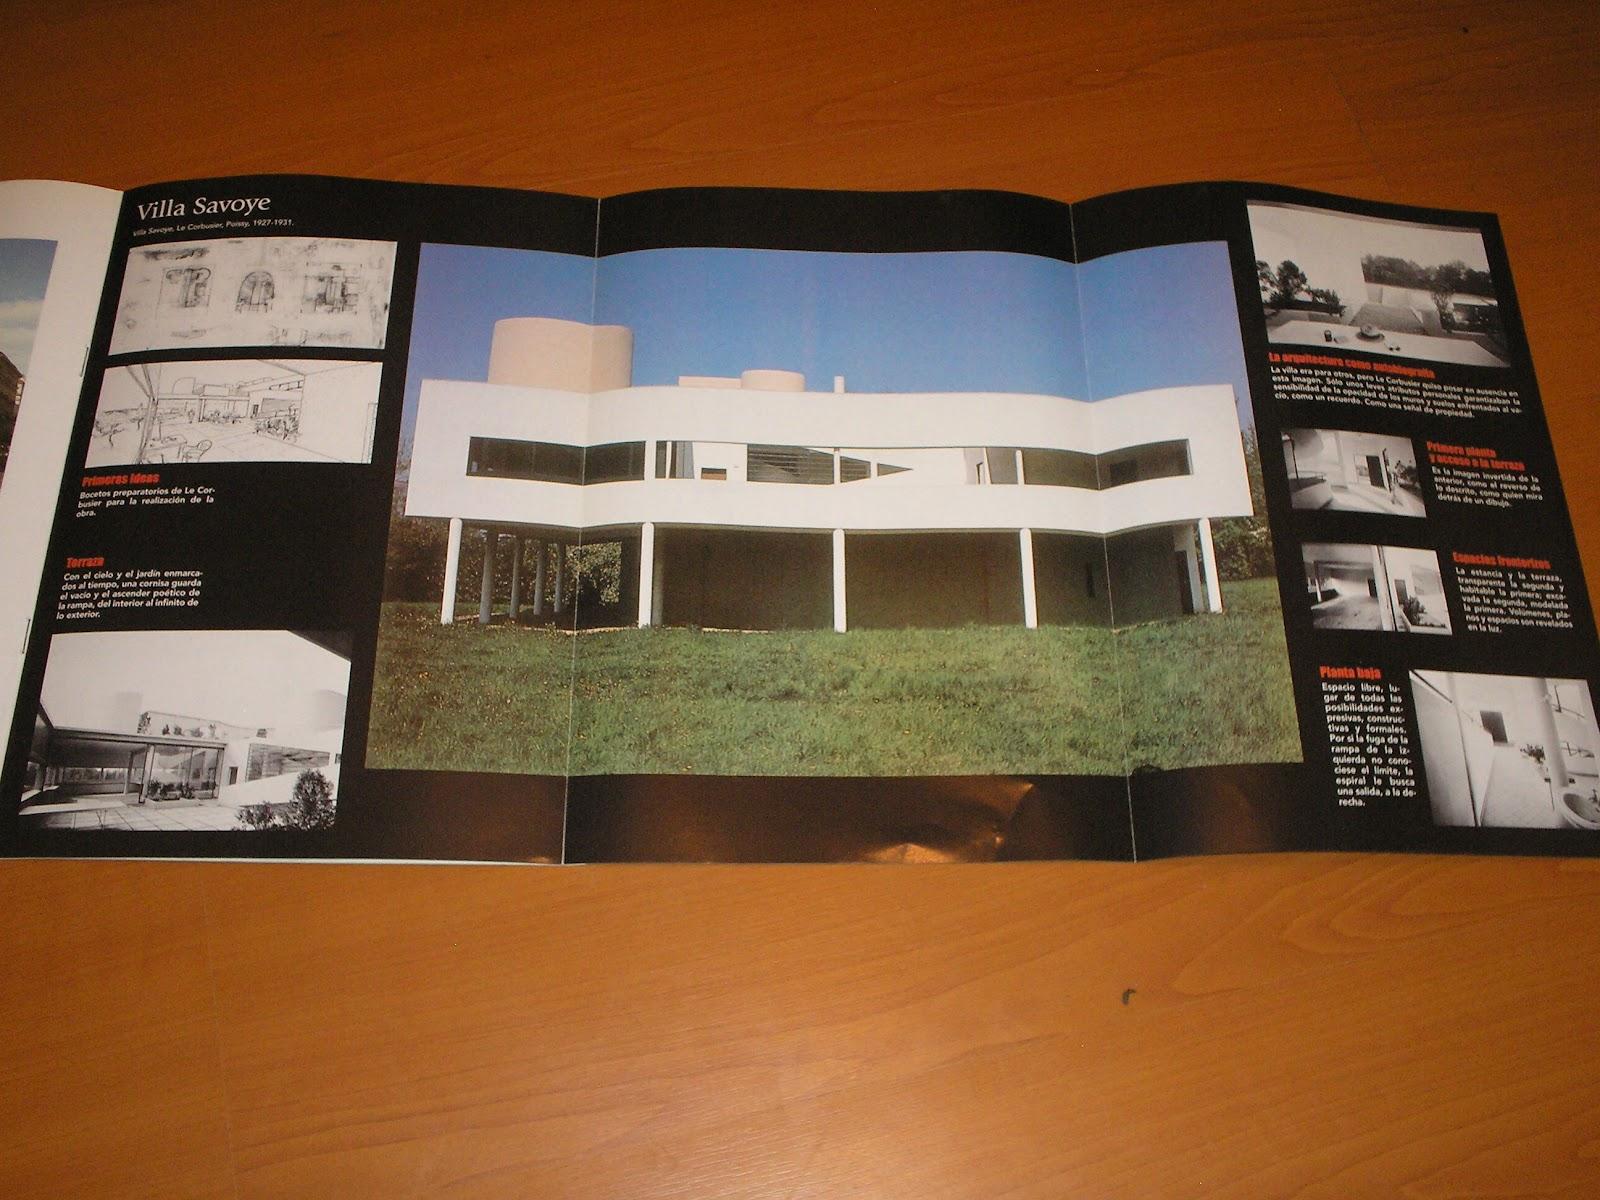 Arqline arquitectura movimiento moderno - Movimiento moderno ...